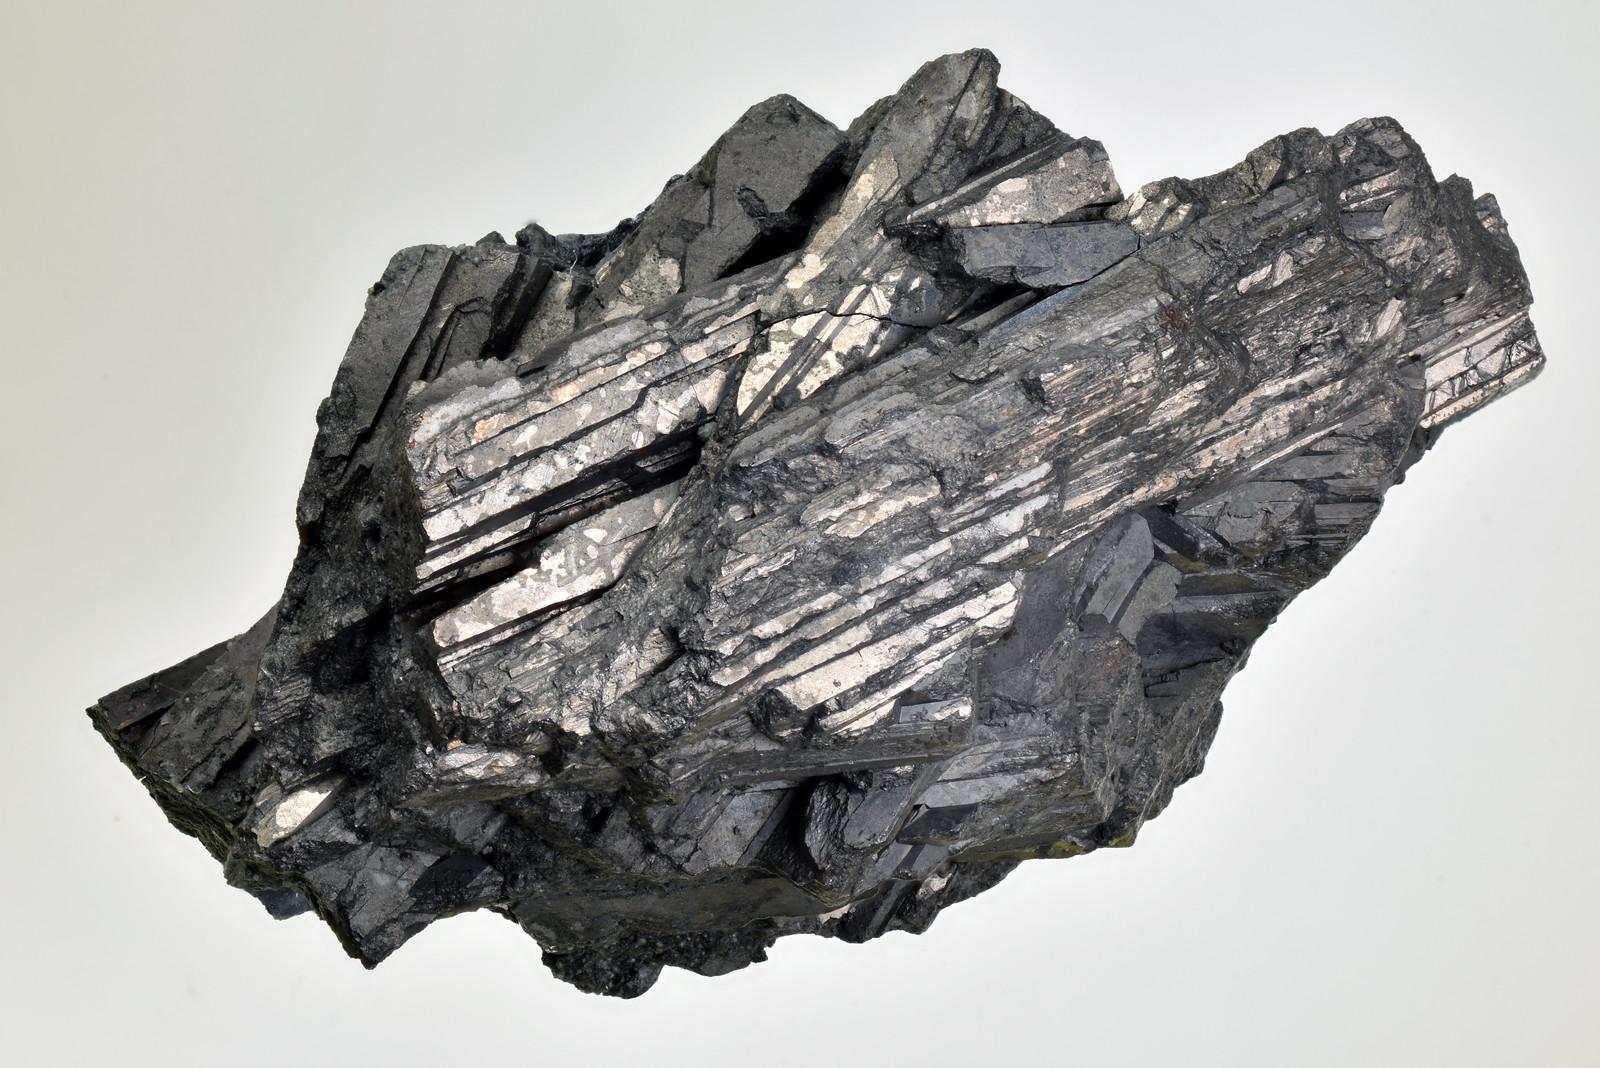 硫砒鉄鉱 / Arsenopyrite